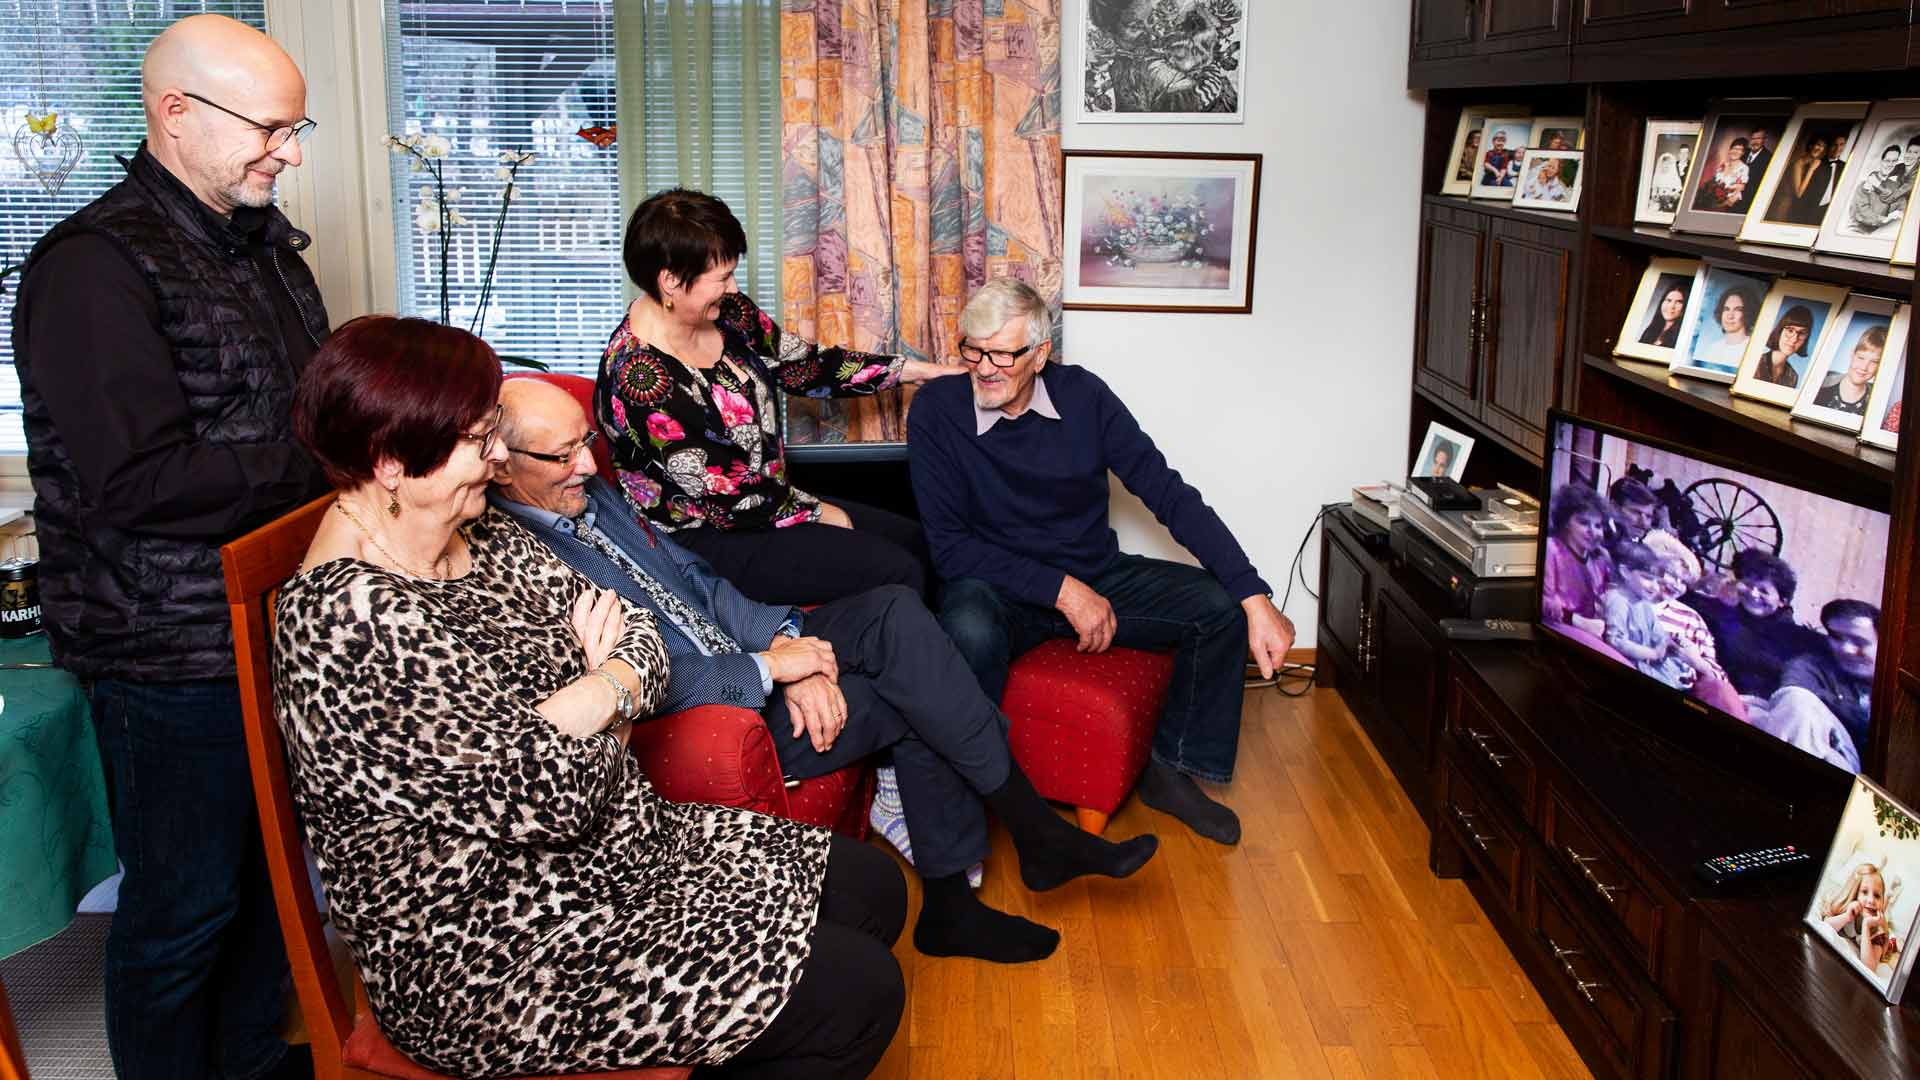 Leo Paajanen kuvasi kotivideon Valgen perheen kyläilystä Sallan luona kolme vuosikymmentä aiemmin.